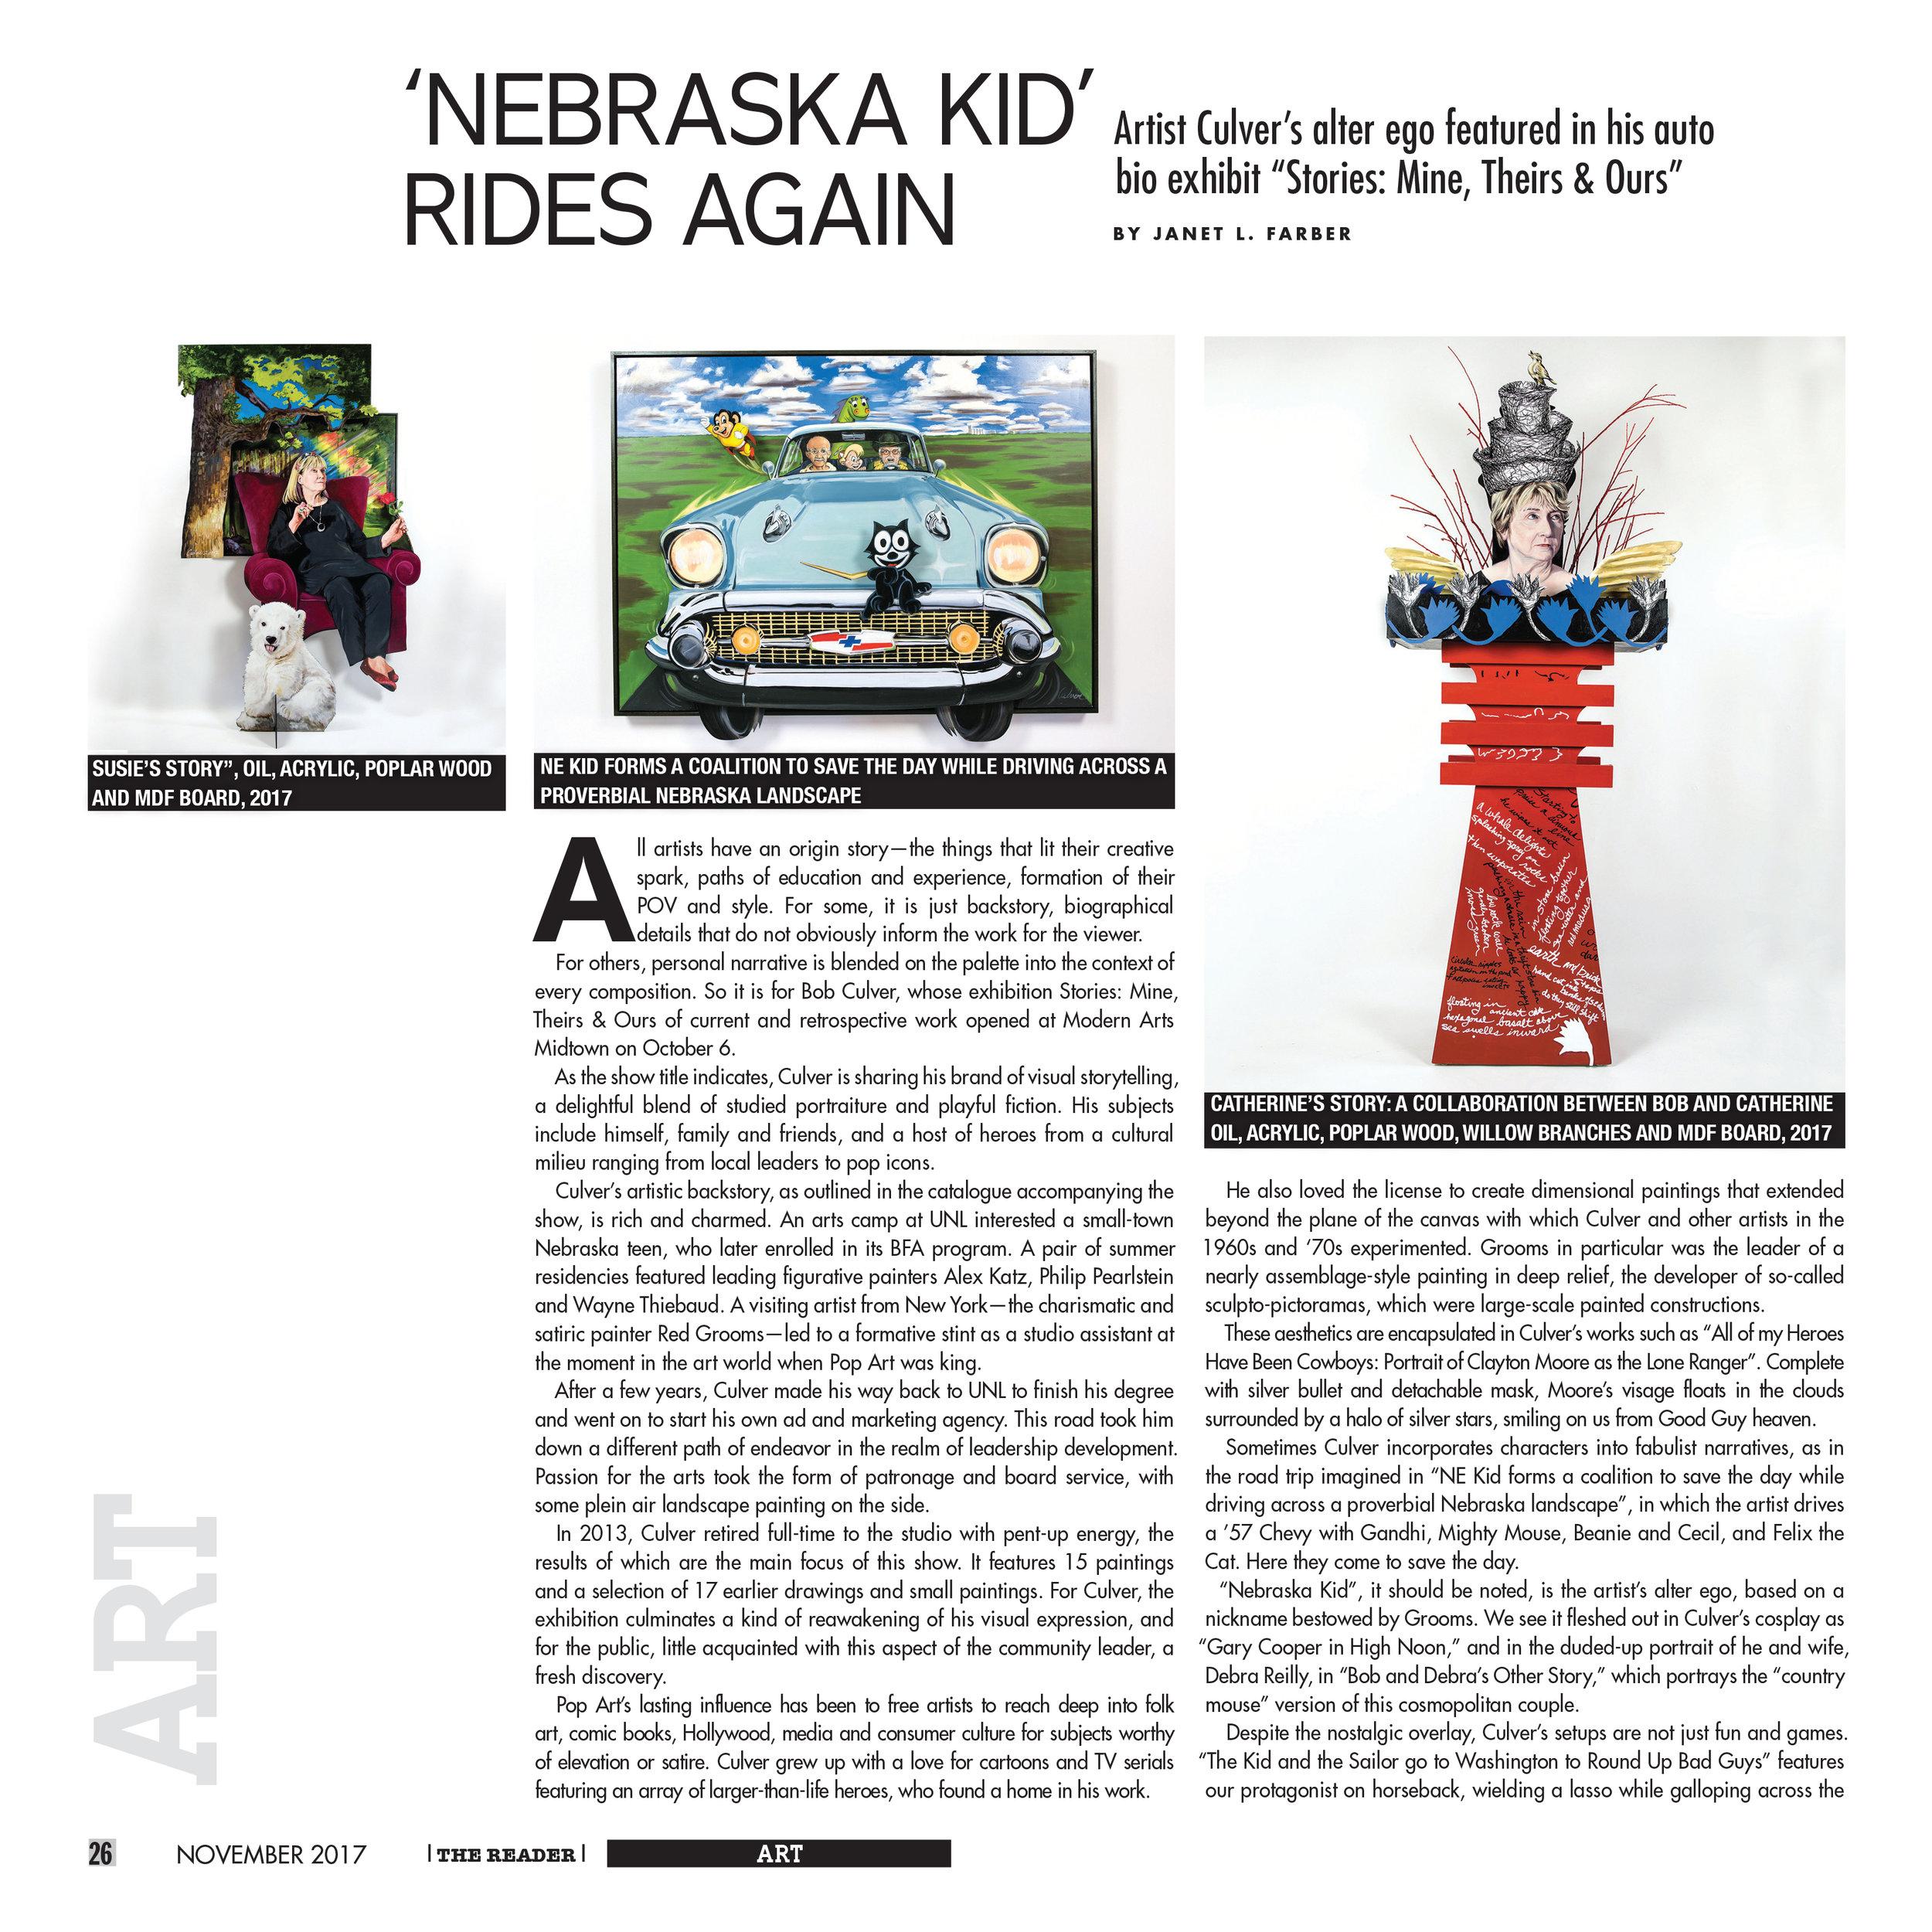 NebraskaKidRidesAgain_TheReader_November2017-1.jpg